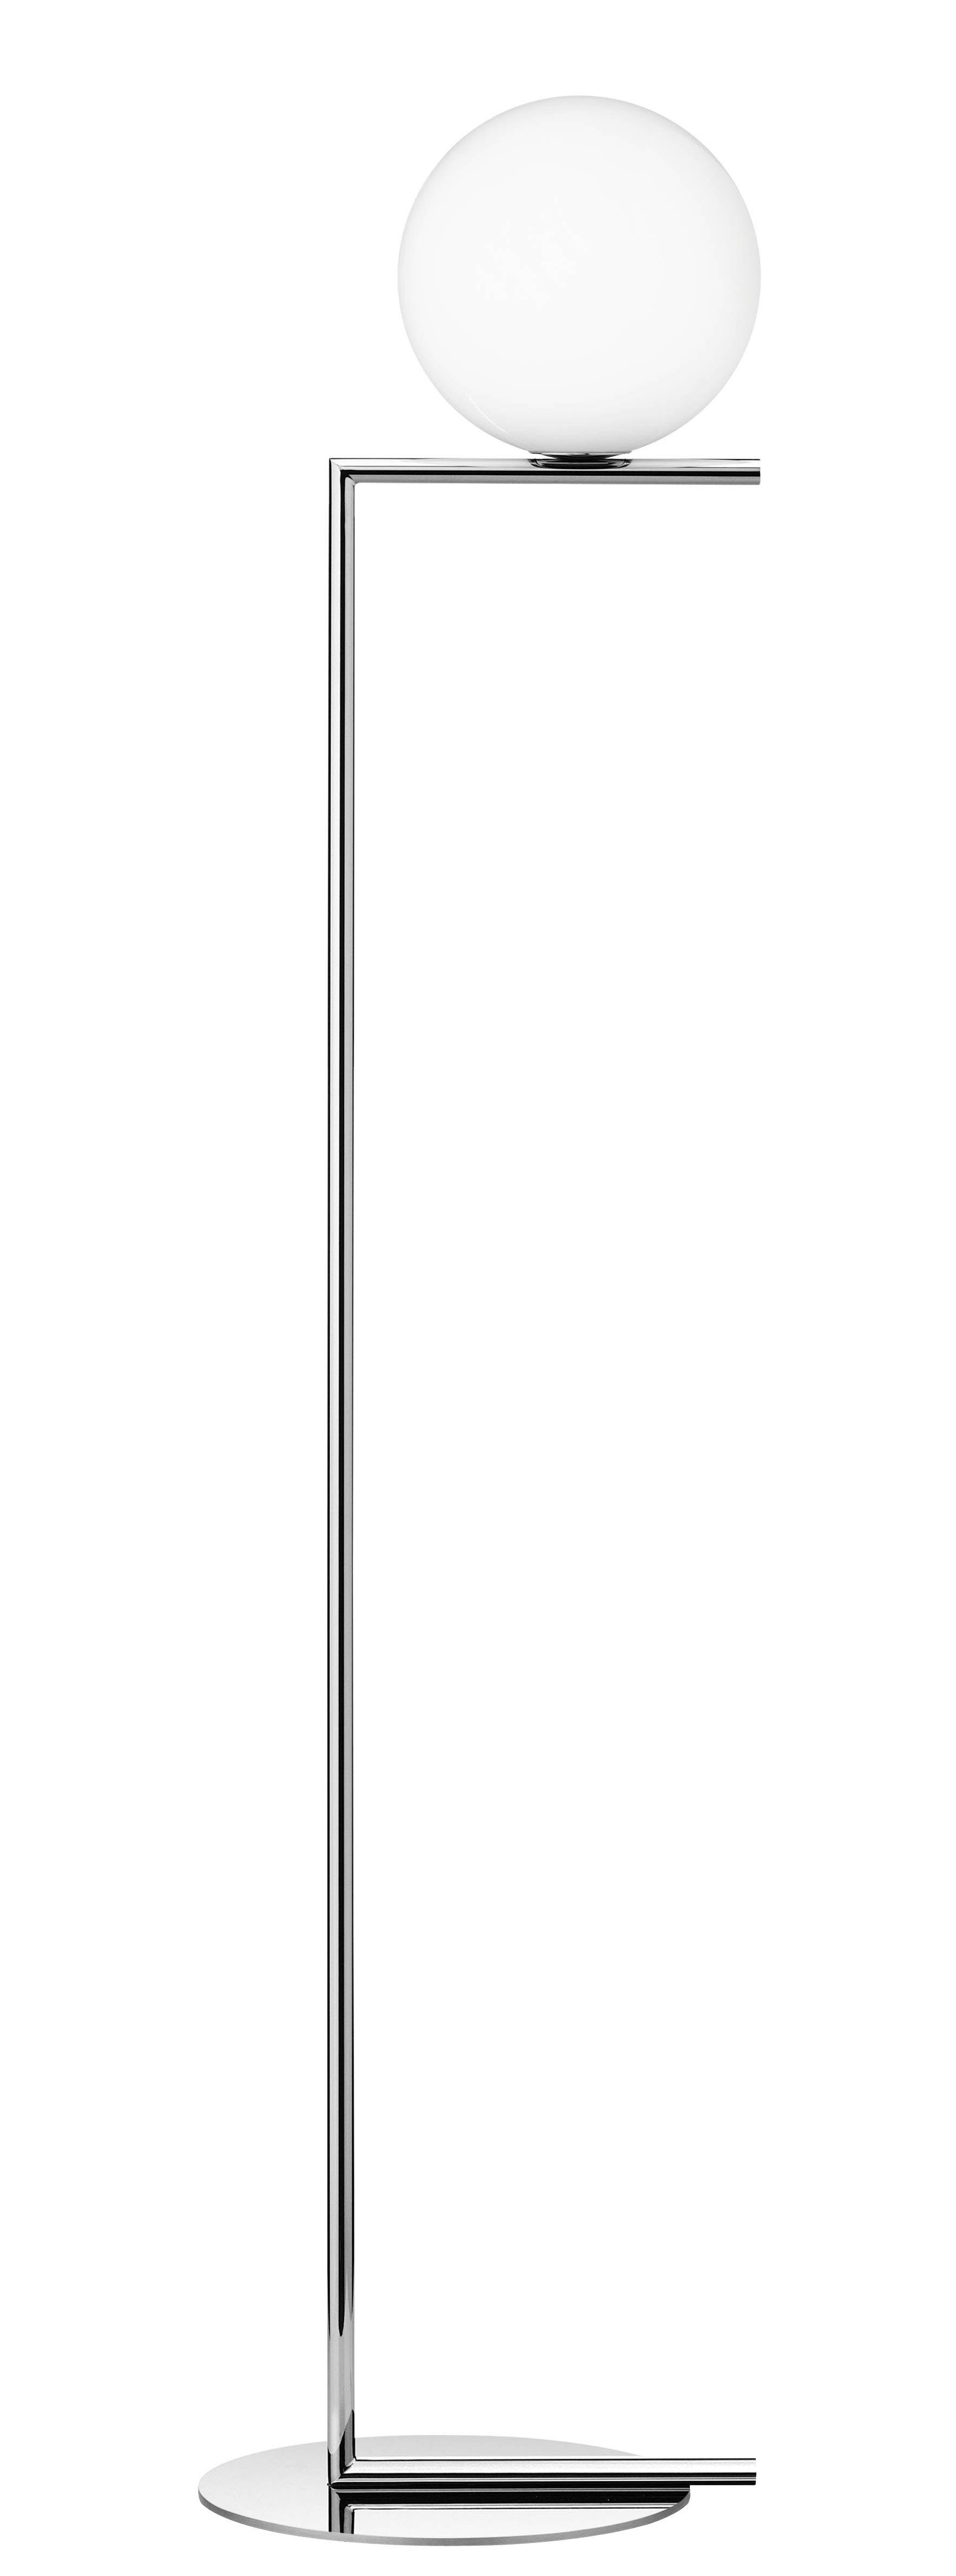 Luminaire - Lampadaires - Lampadaire IC F1 / H 135 cm - Flos - Chromé - Acier chromé, Verre soufflé